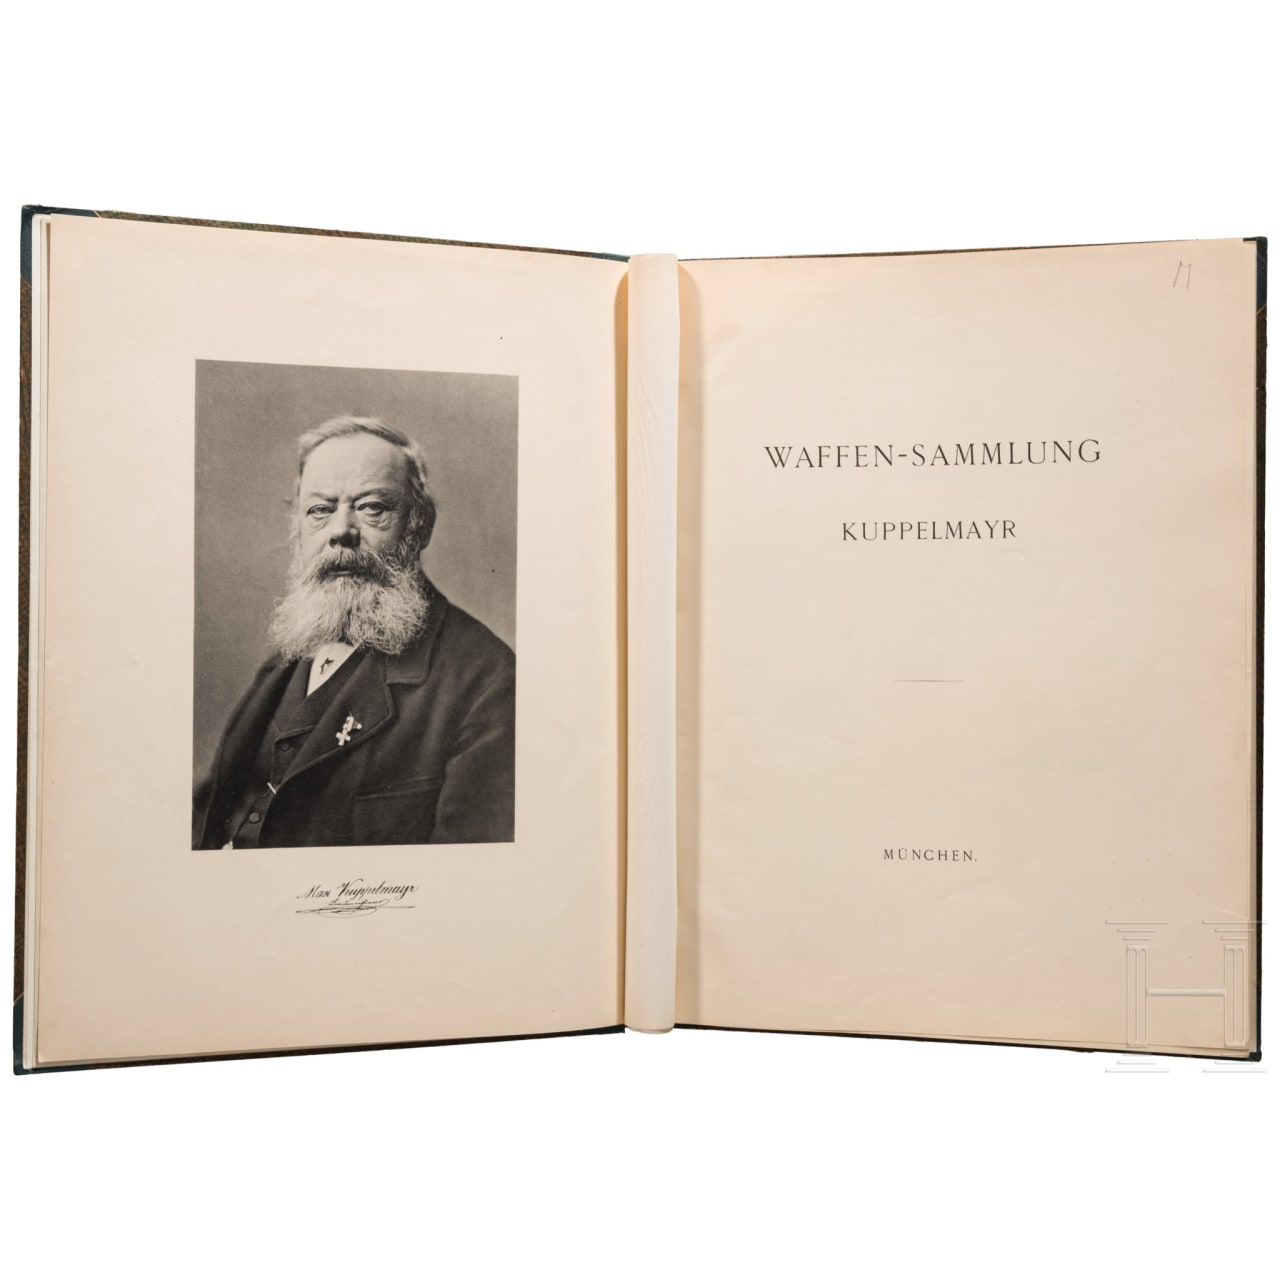 Katalog der Waffensammlung Kuppelmayr, München, 1895